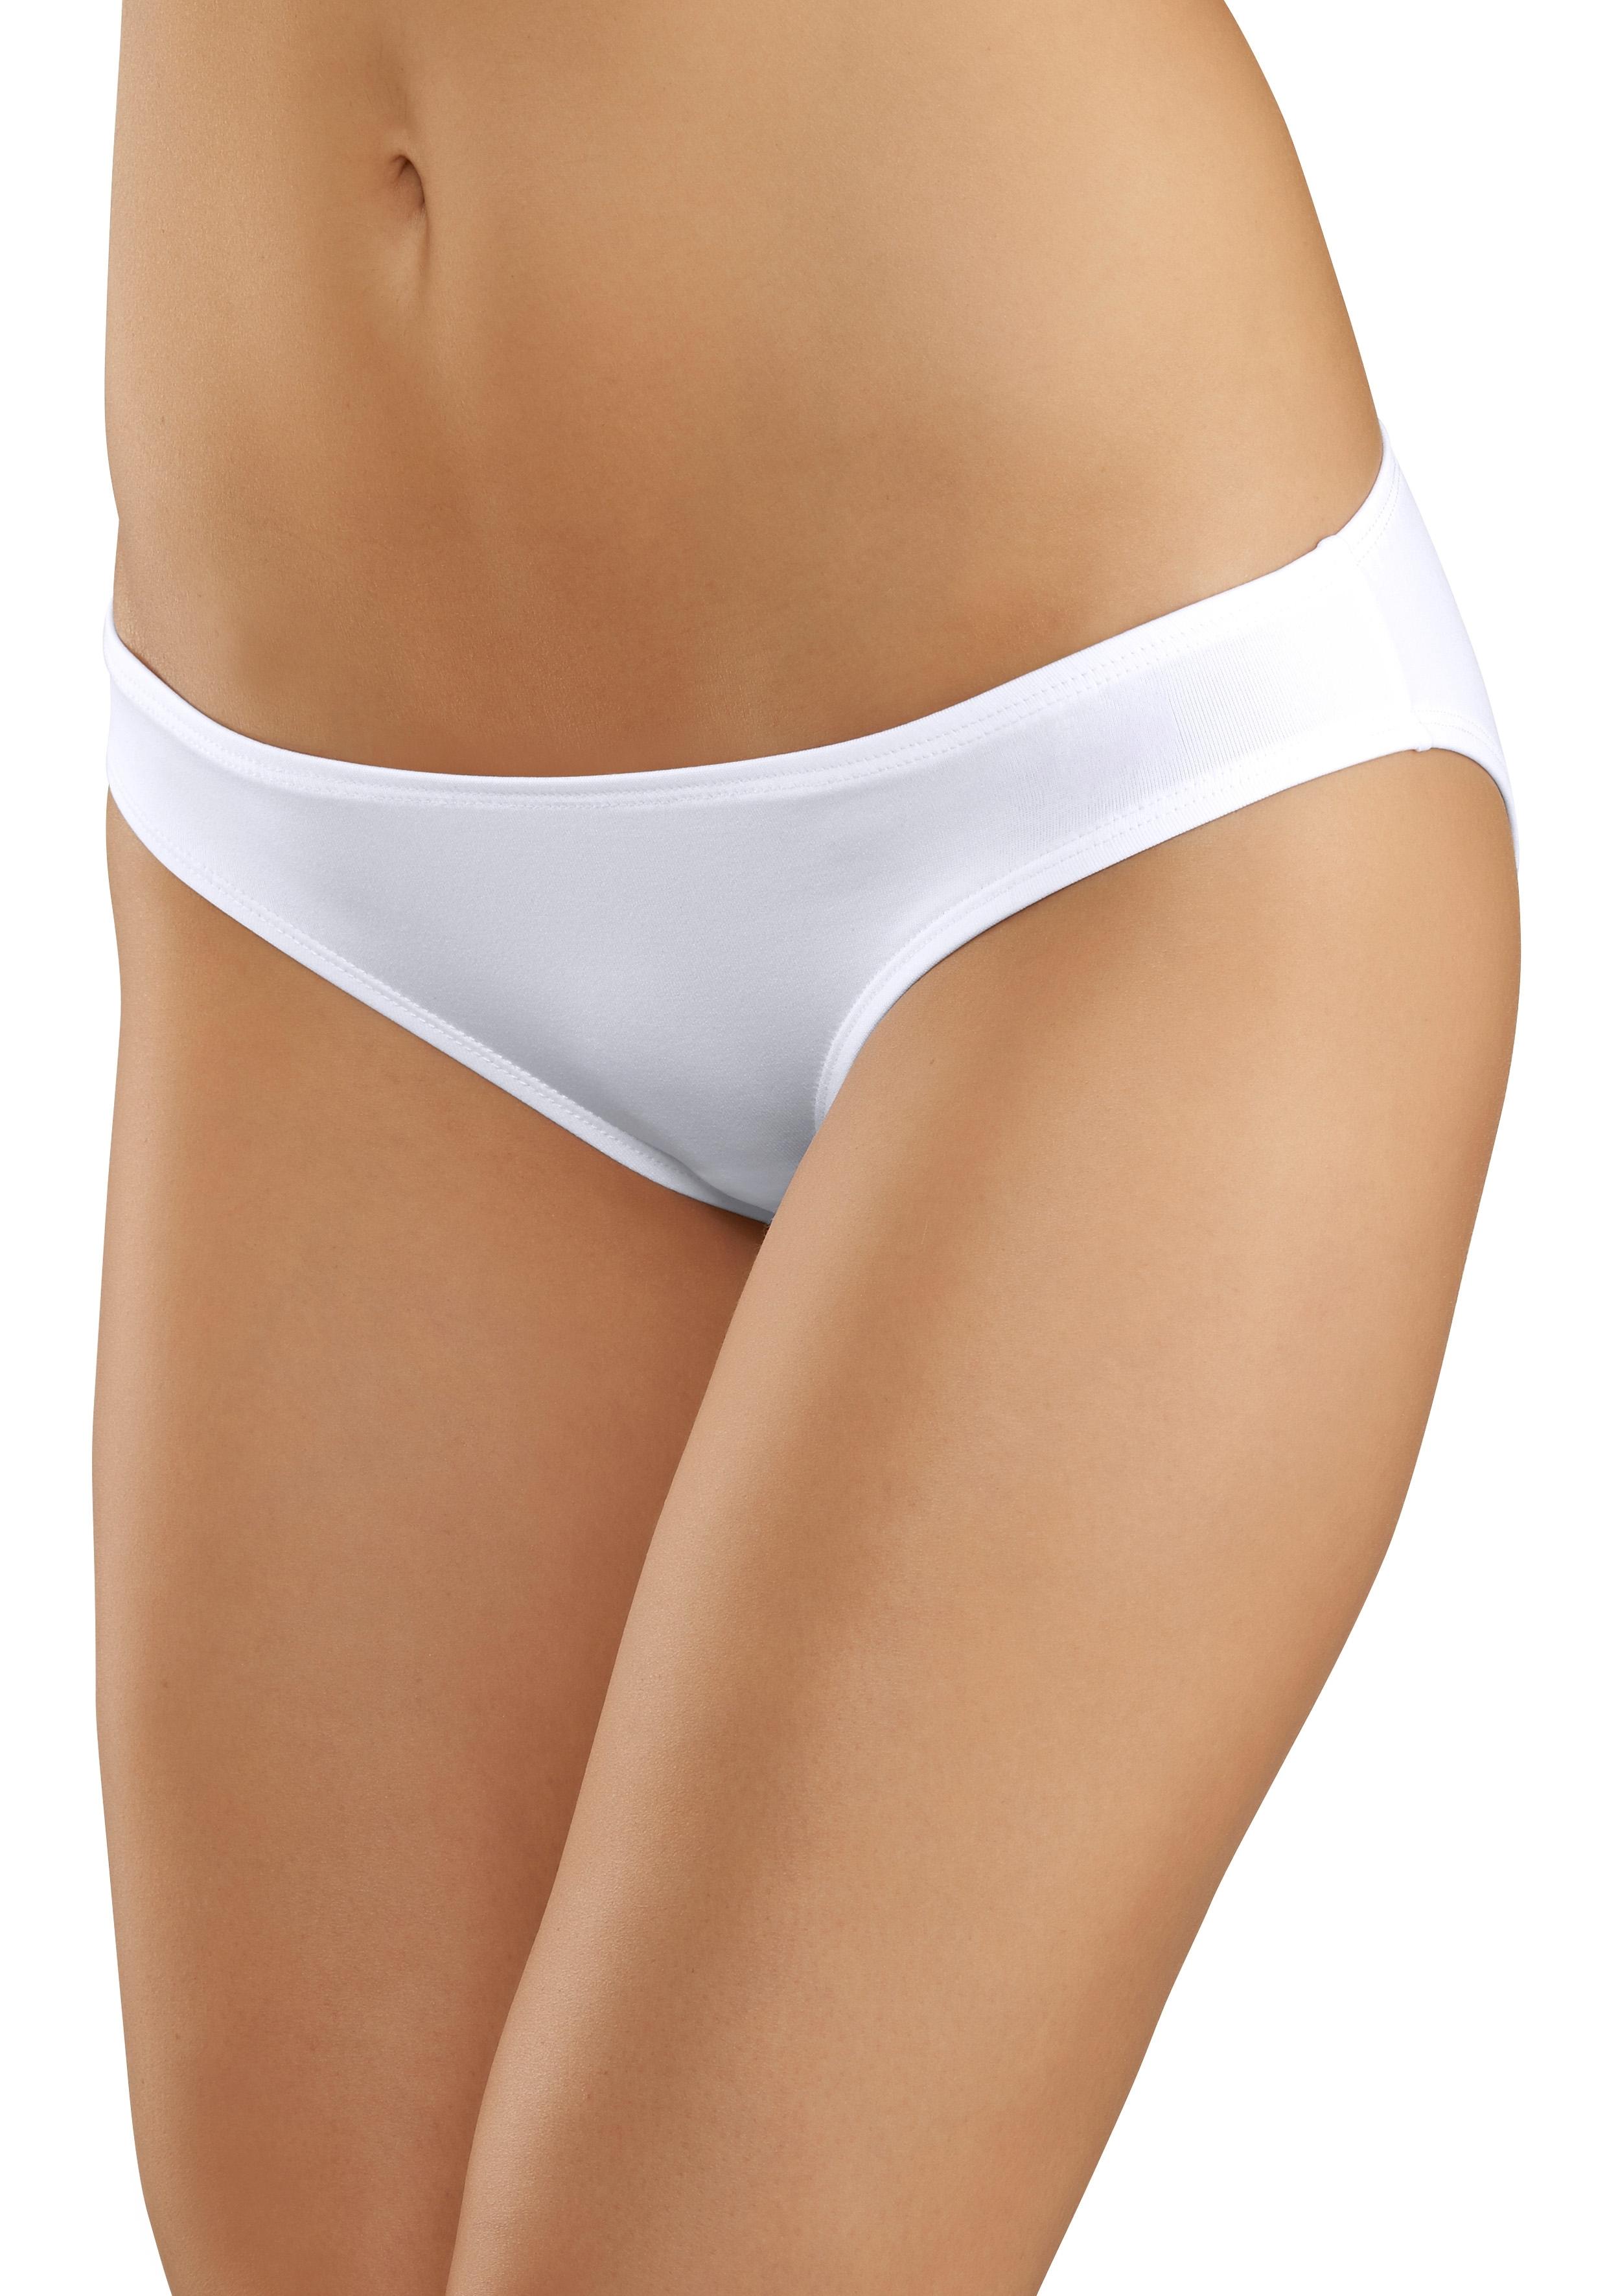 vivance active bikinibroekje (6 stuks) in de webshop van Lascana kopen